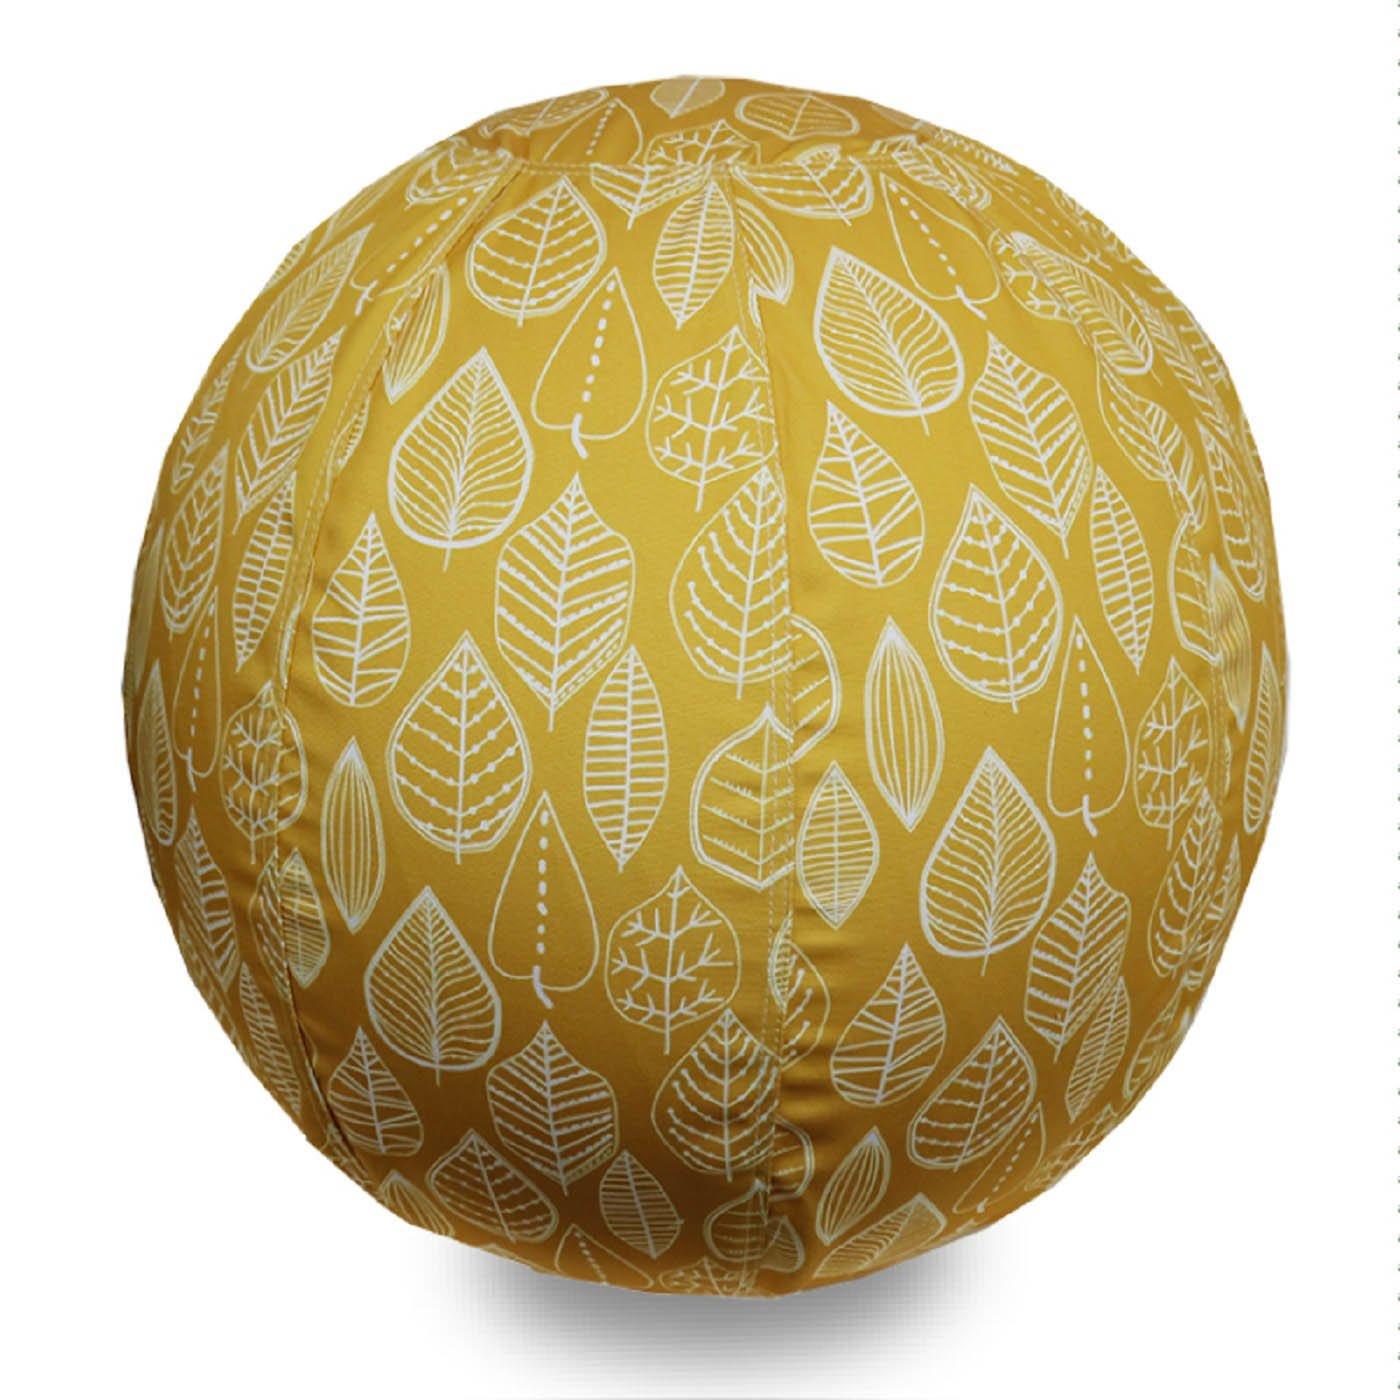 北欧をイメージした 部屋を彩るバランスボール〈黄色の葉っぱ/55cm〉